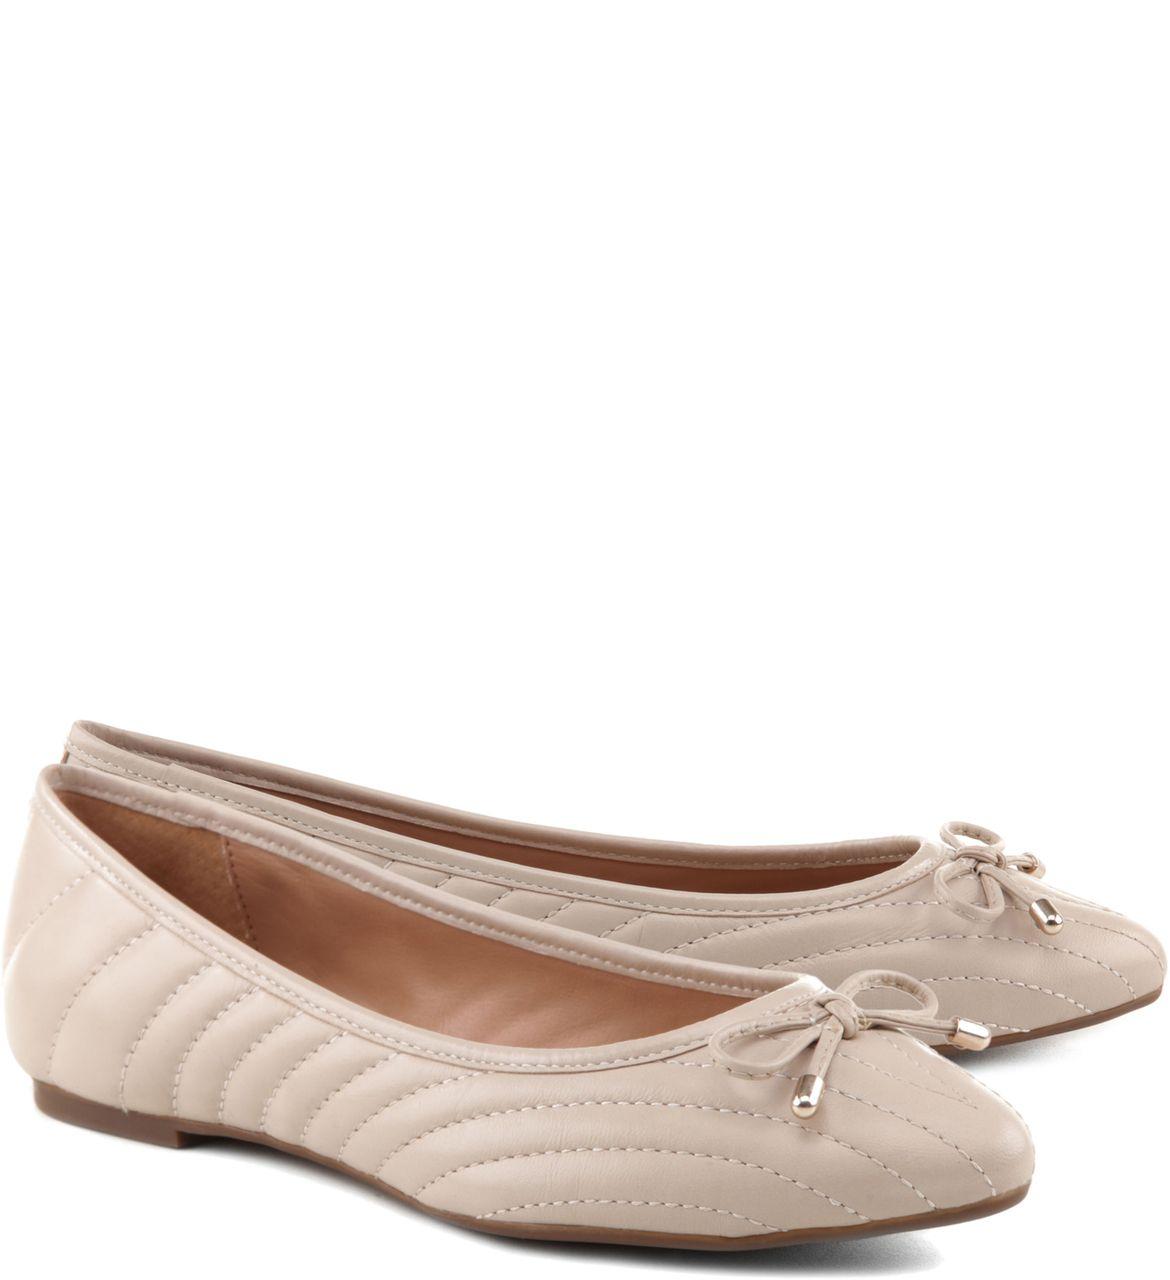 0edb20a8e Sapatilha Daily Marmo | Arezzo | Shoes in 2019 | Sapatilhas, Sapatos ...